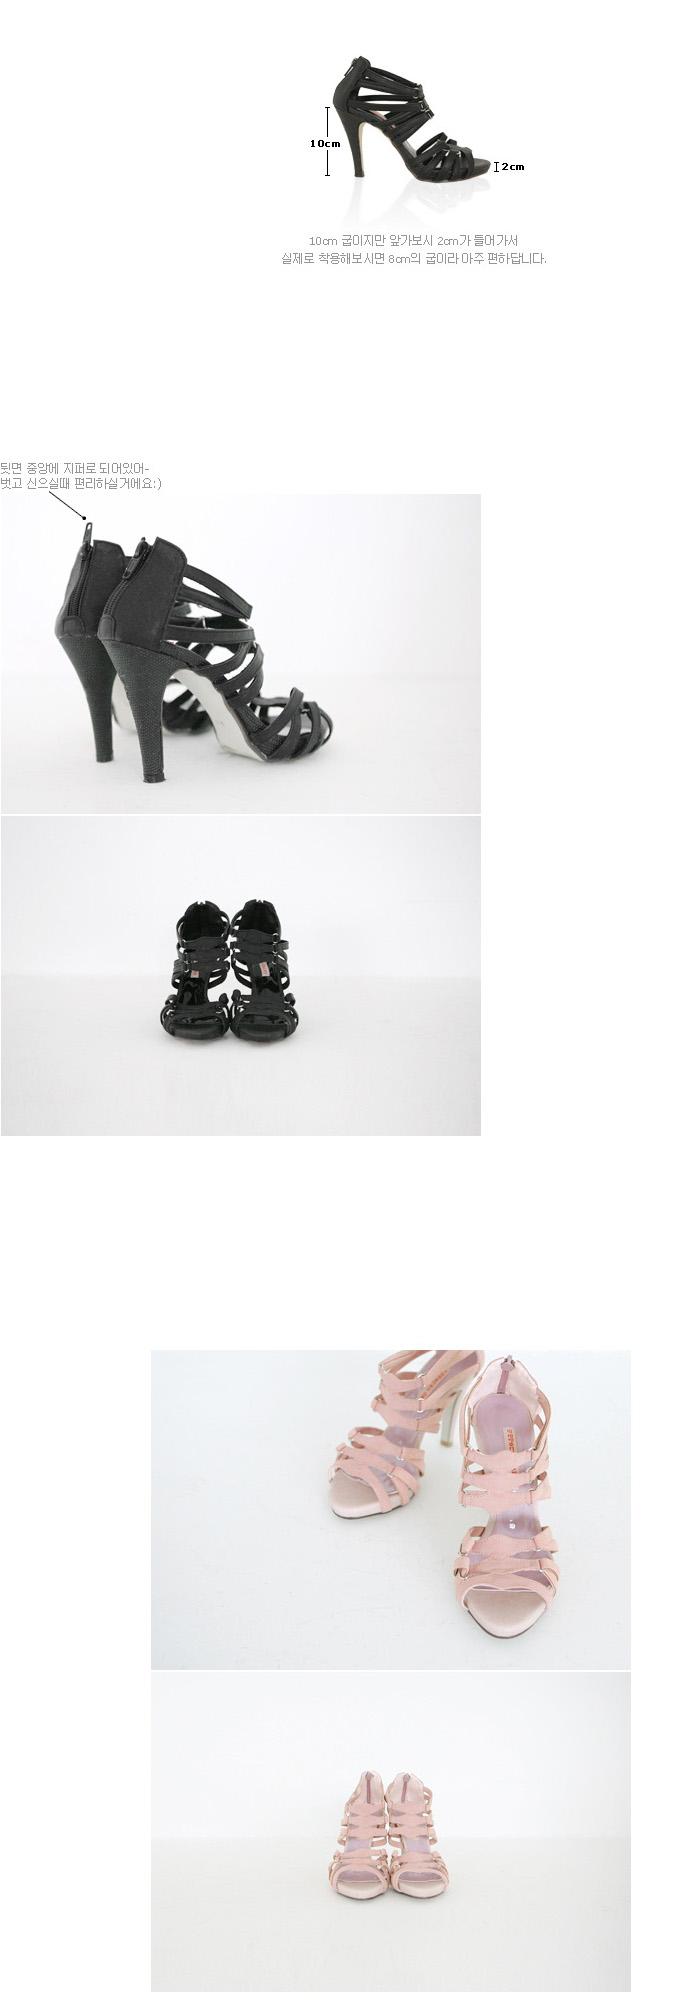 新入库5款凉鞋,show一下